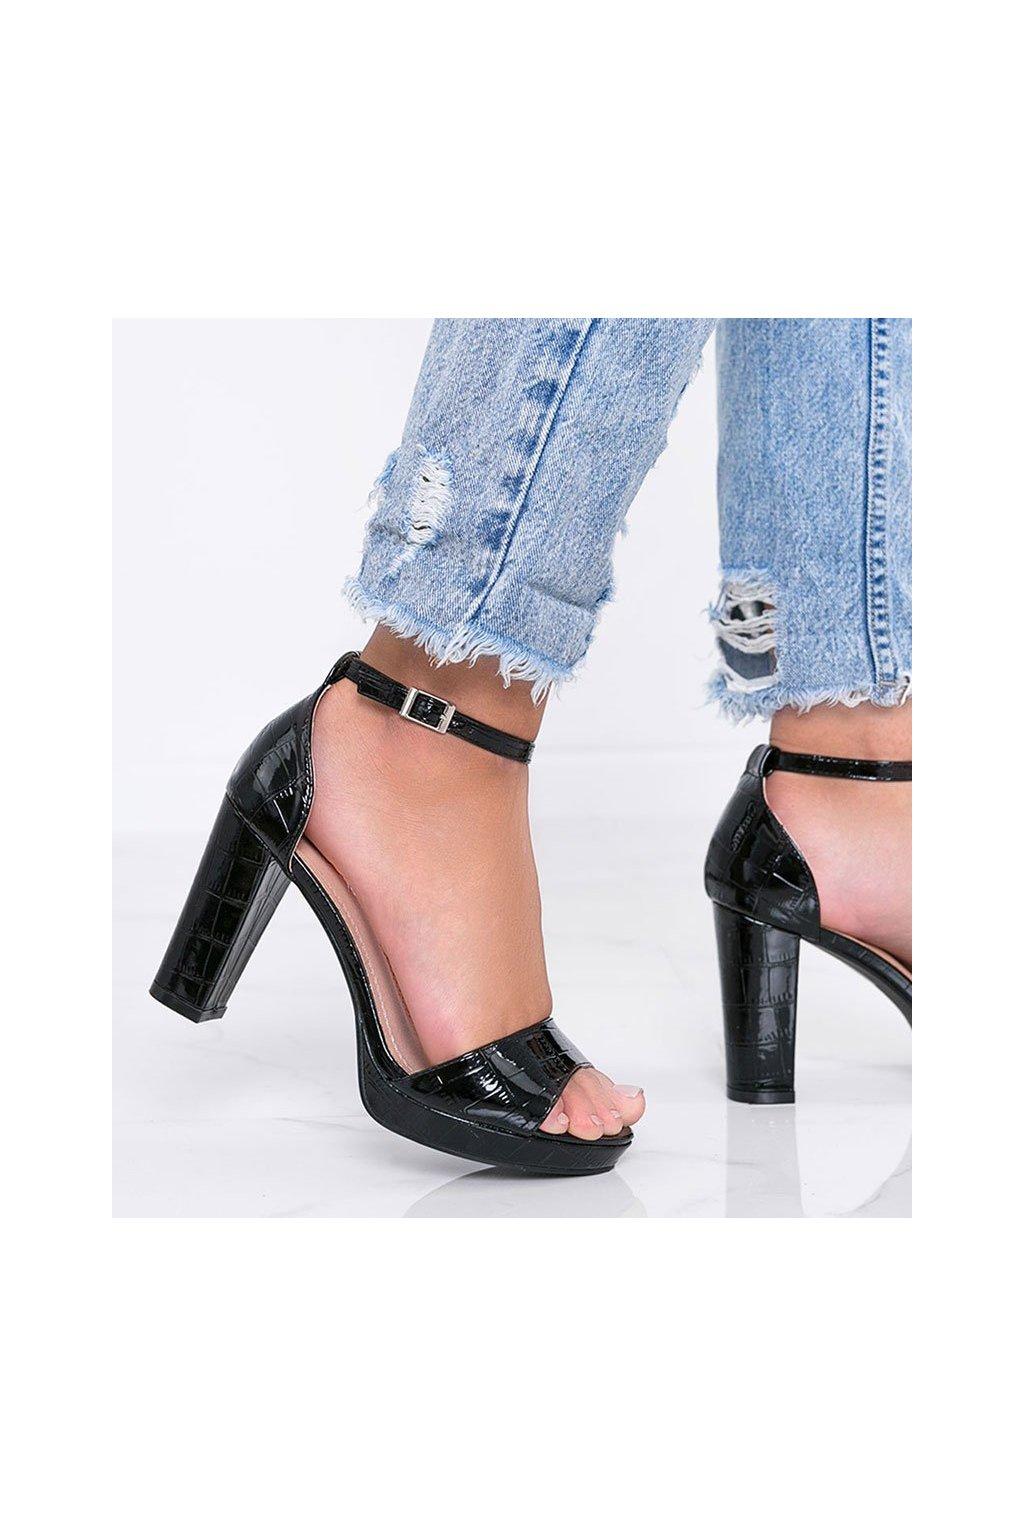 Dámske topánky sandále čierne kód Q763 - GM